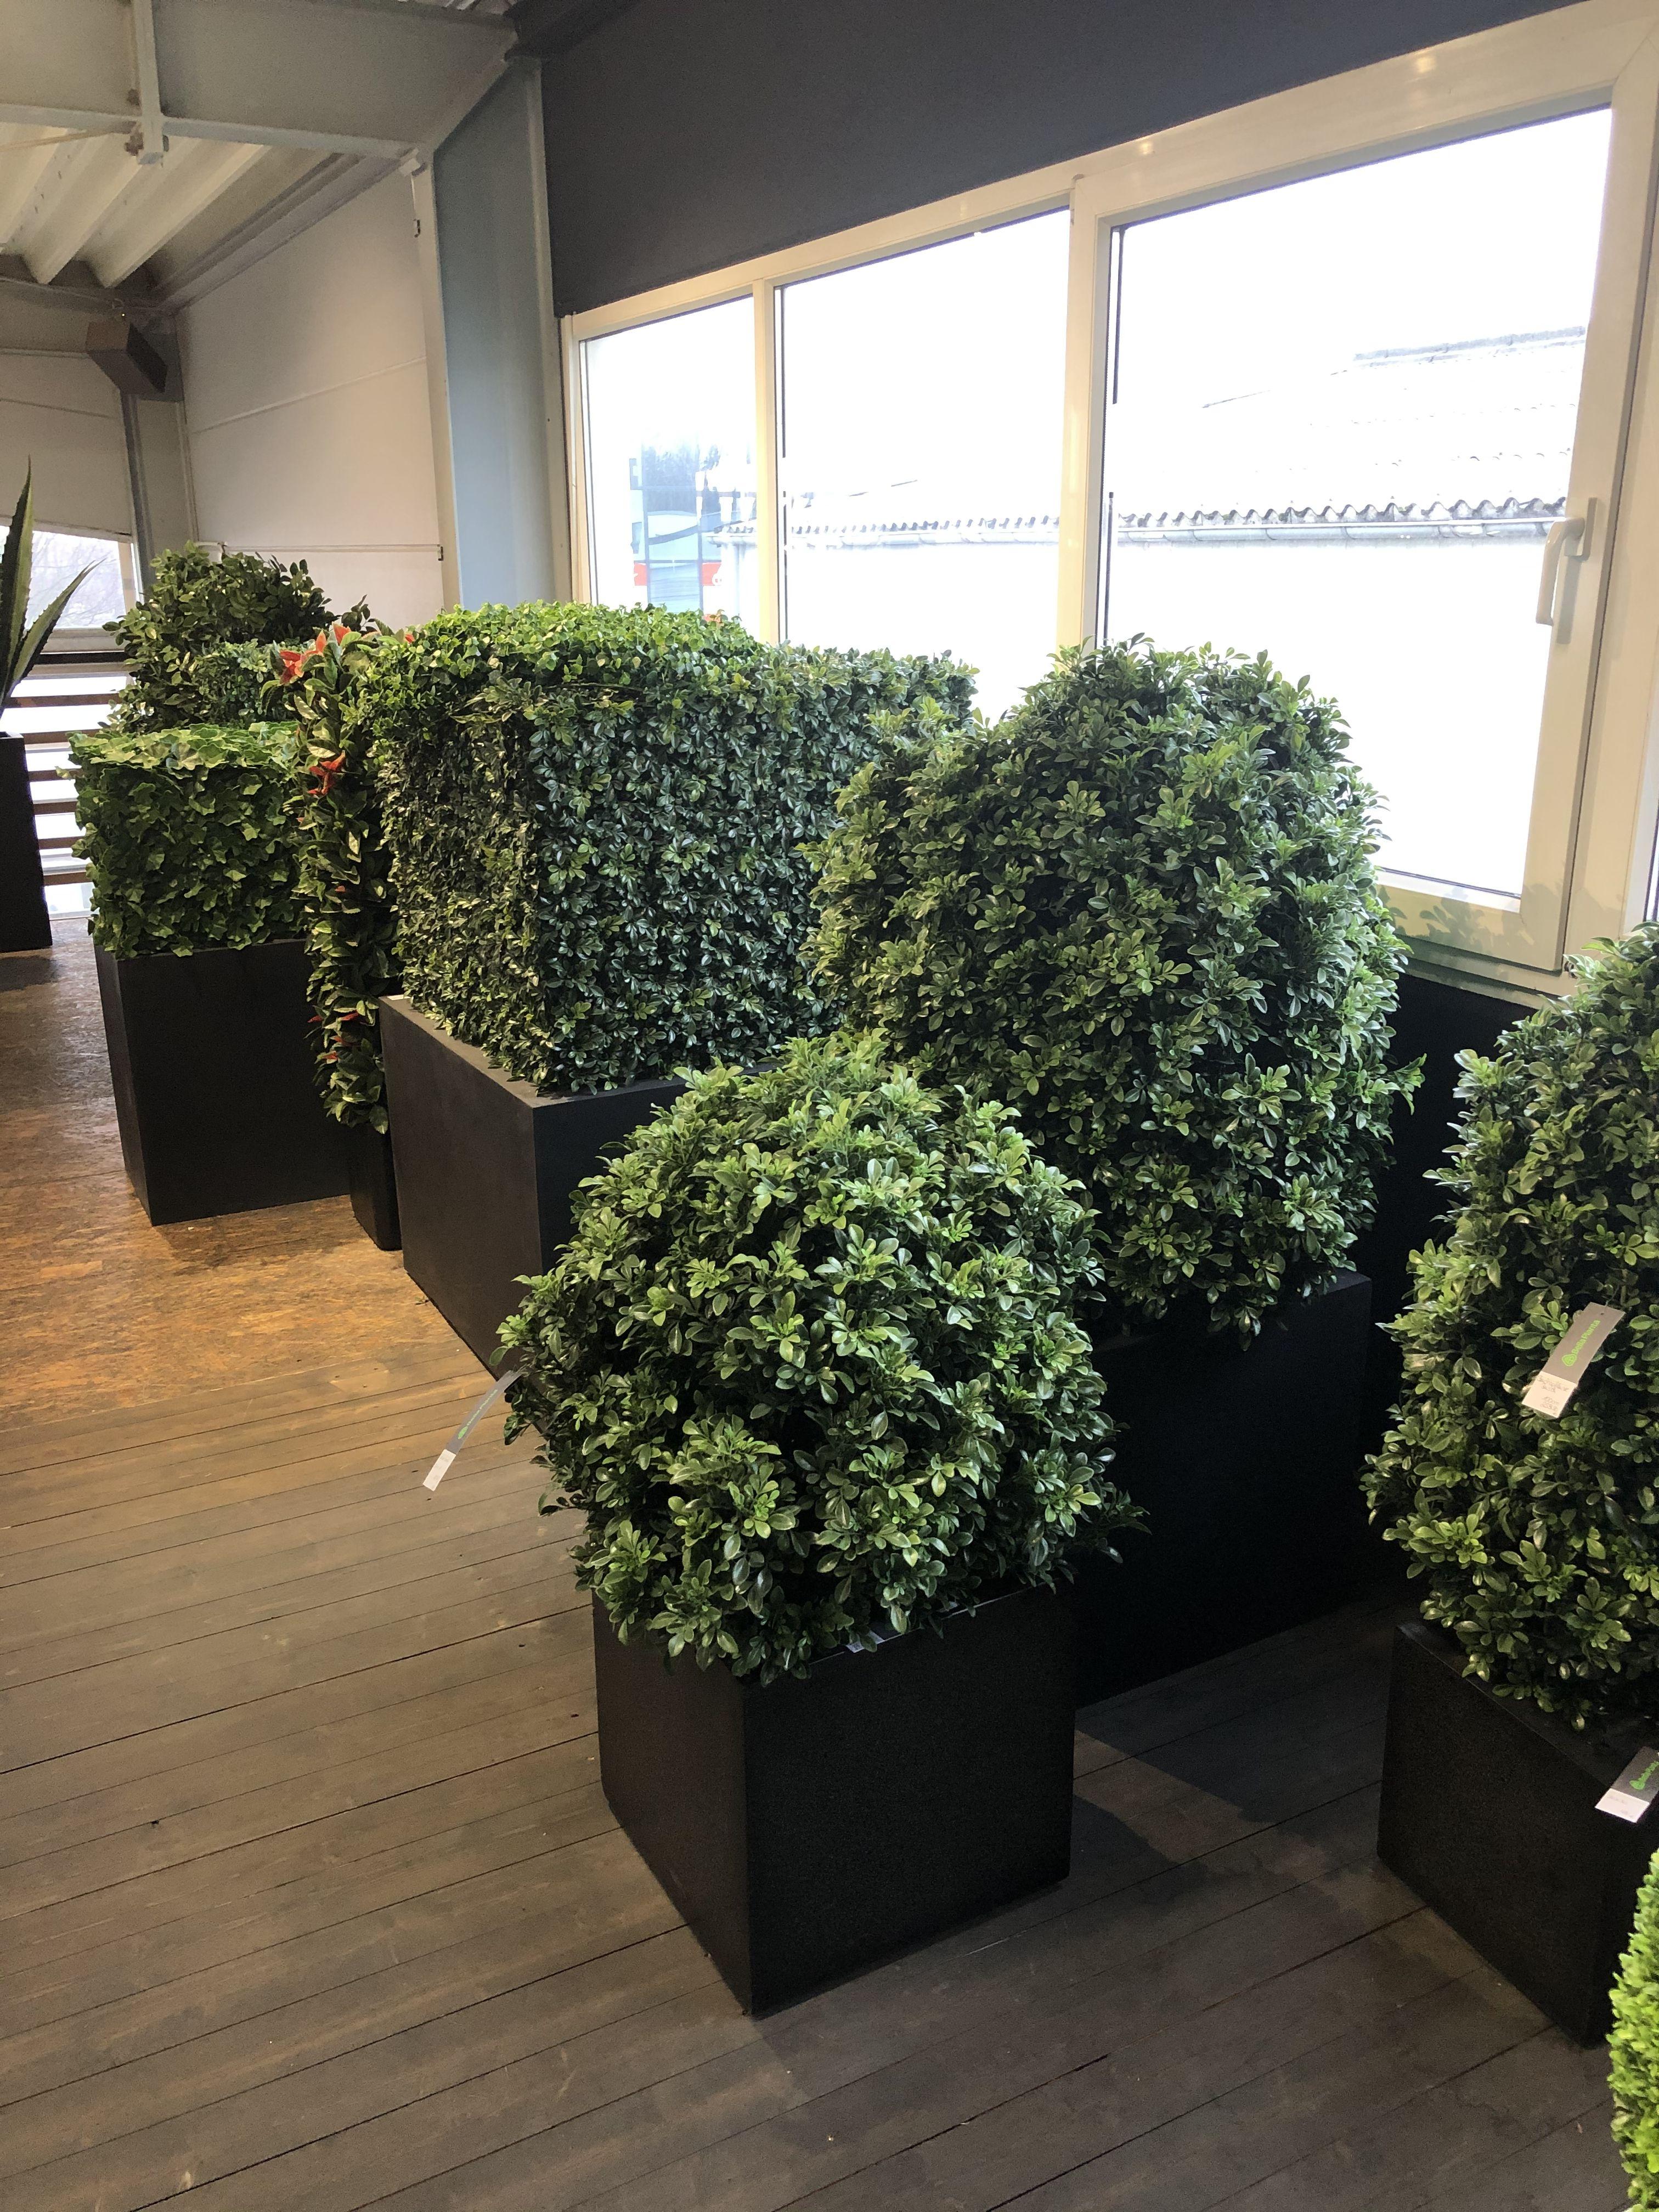 Wetterfeste Ilexpflanzen Kunstlich Sichtschutz Von Bellaplanta